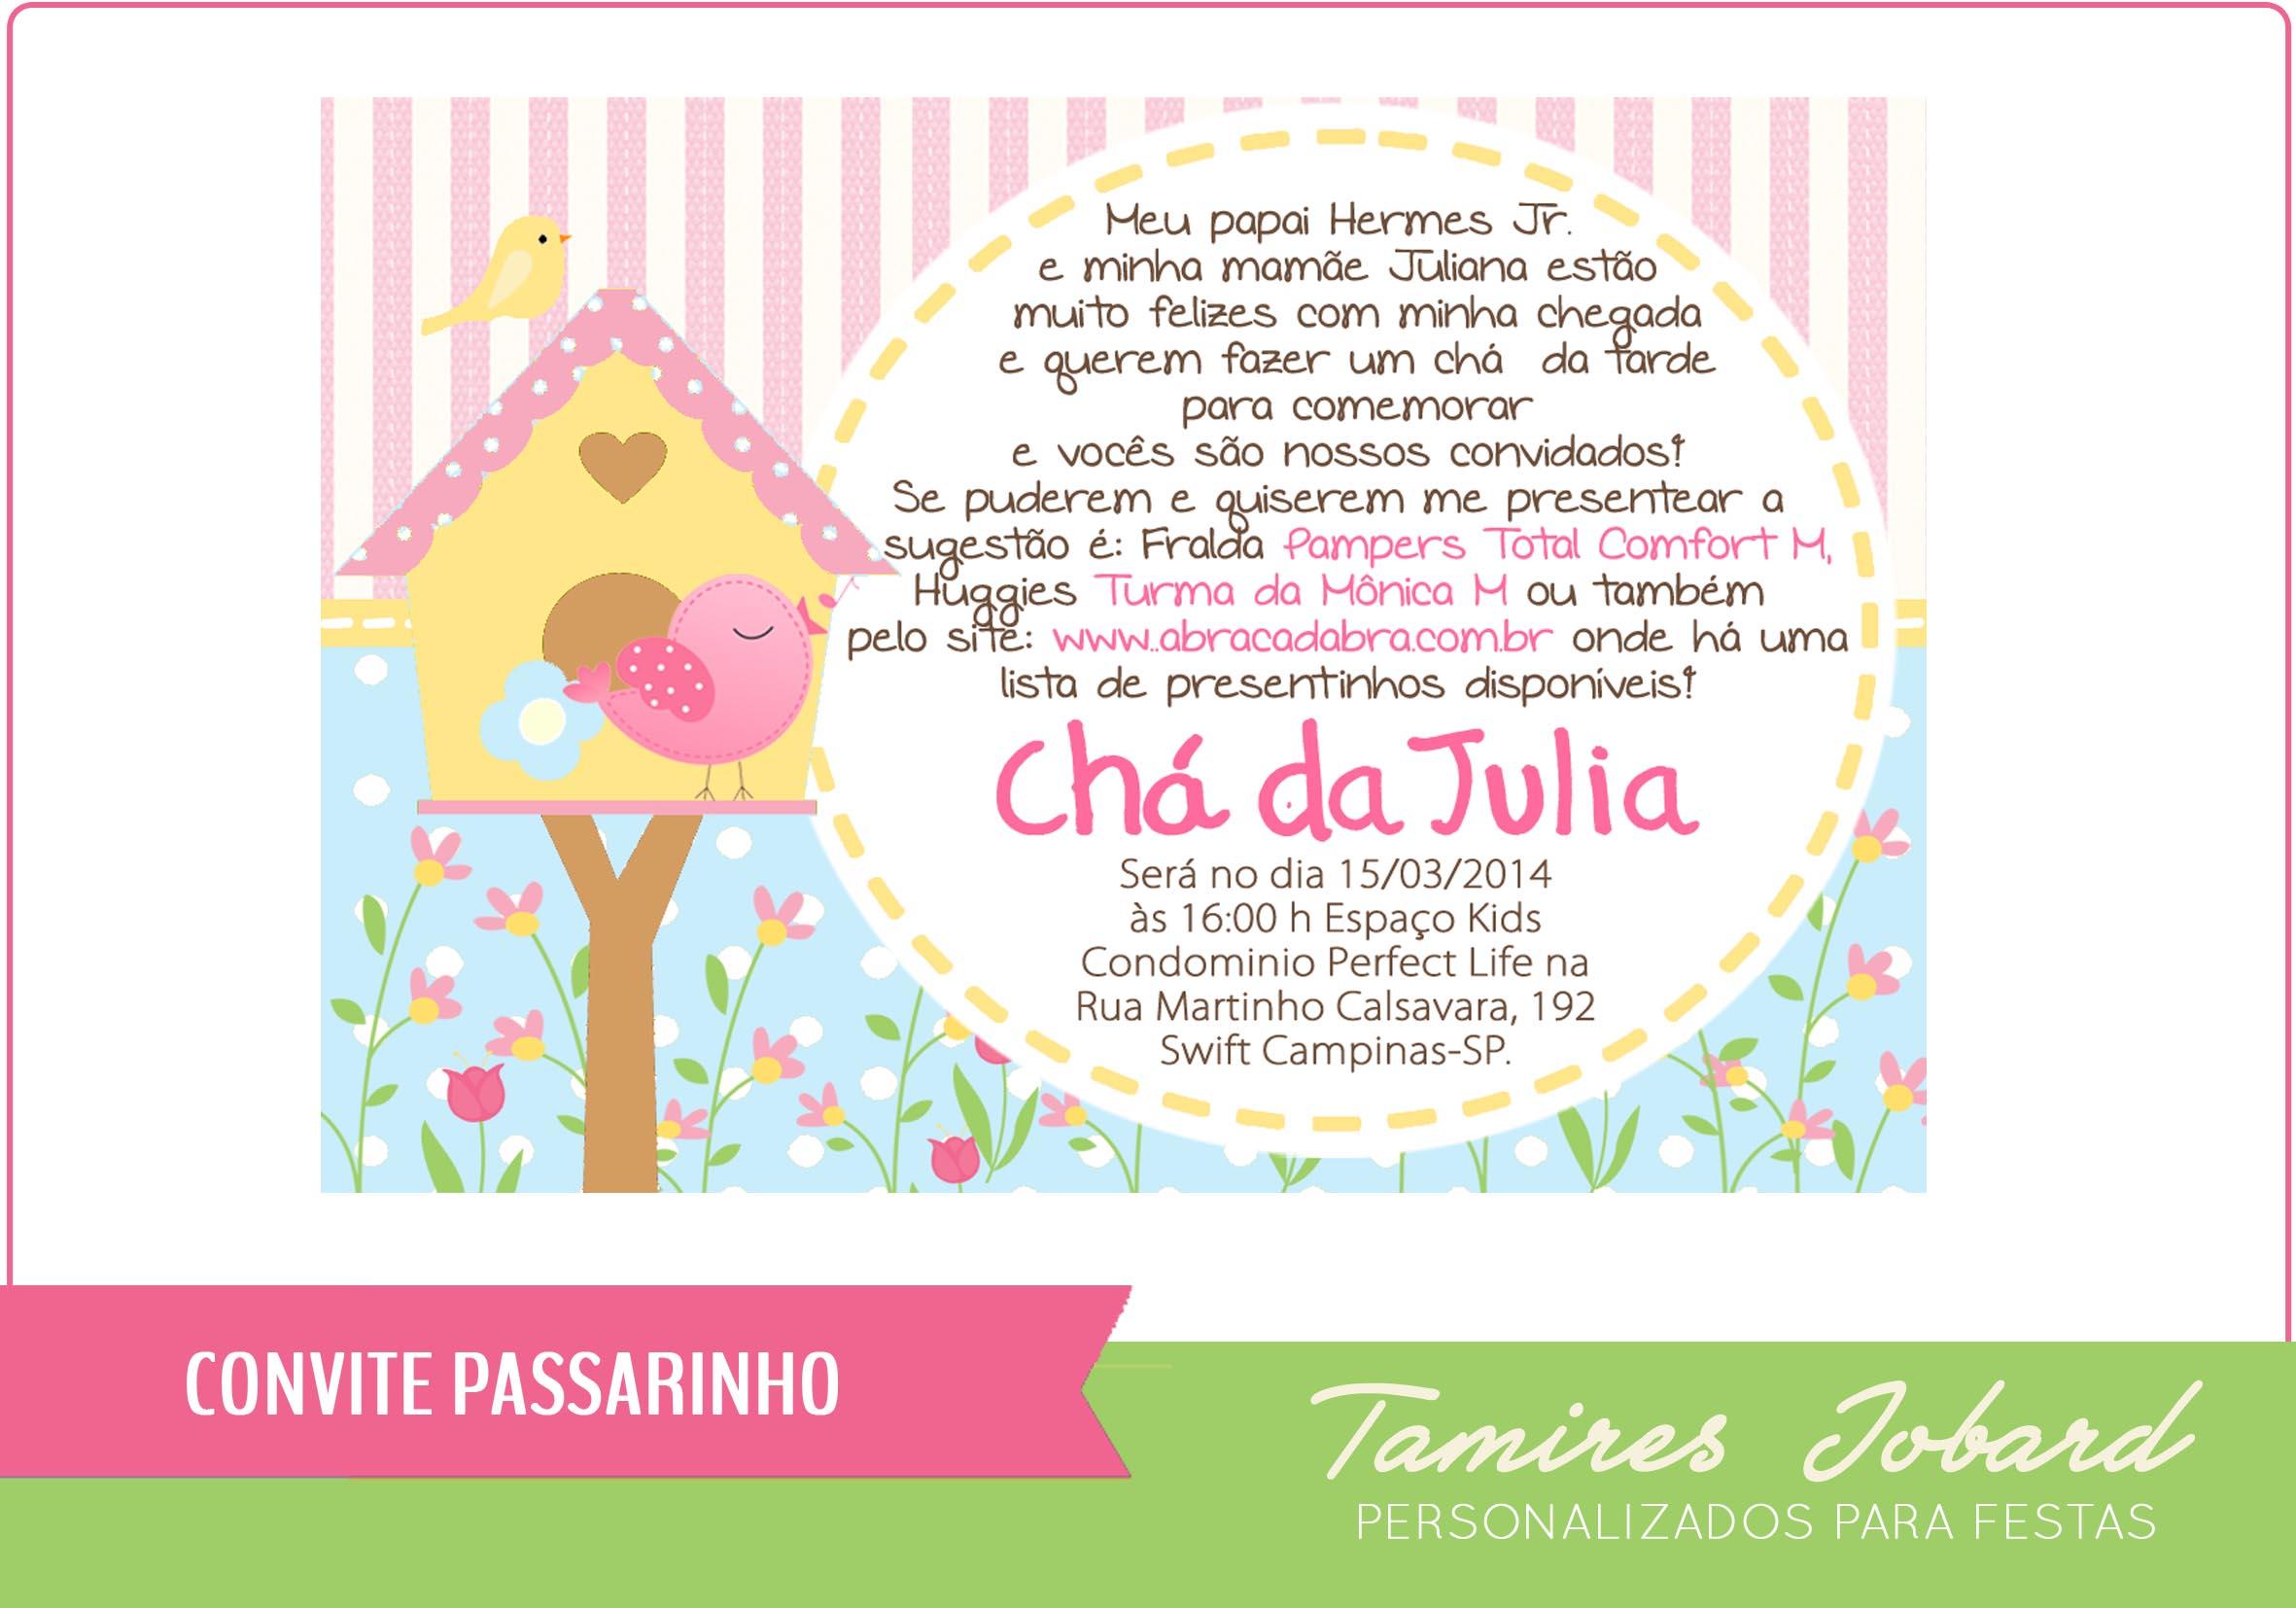 Convite Digital Passarinho No Elo7 Creative Paper Por Tamires